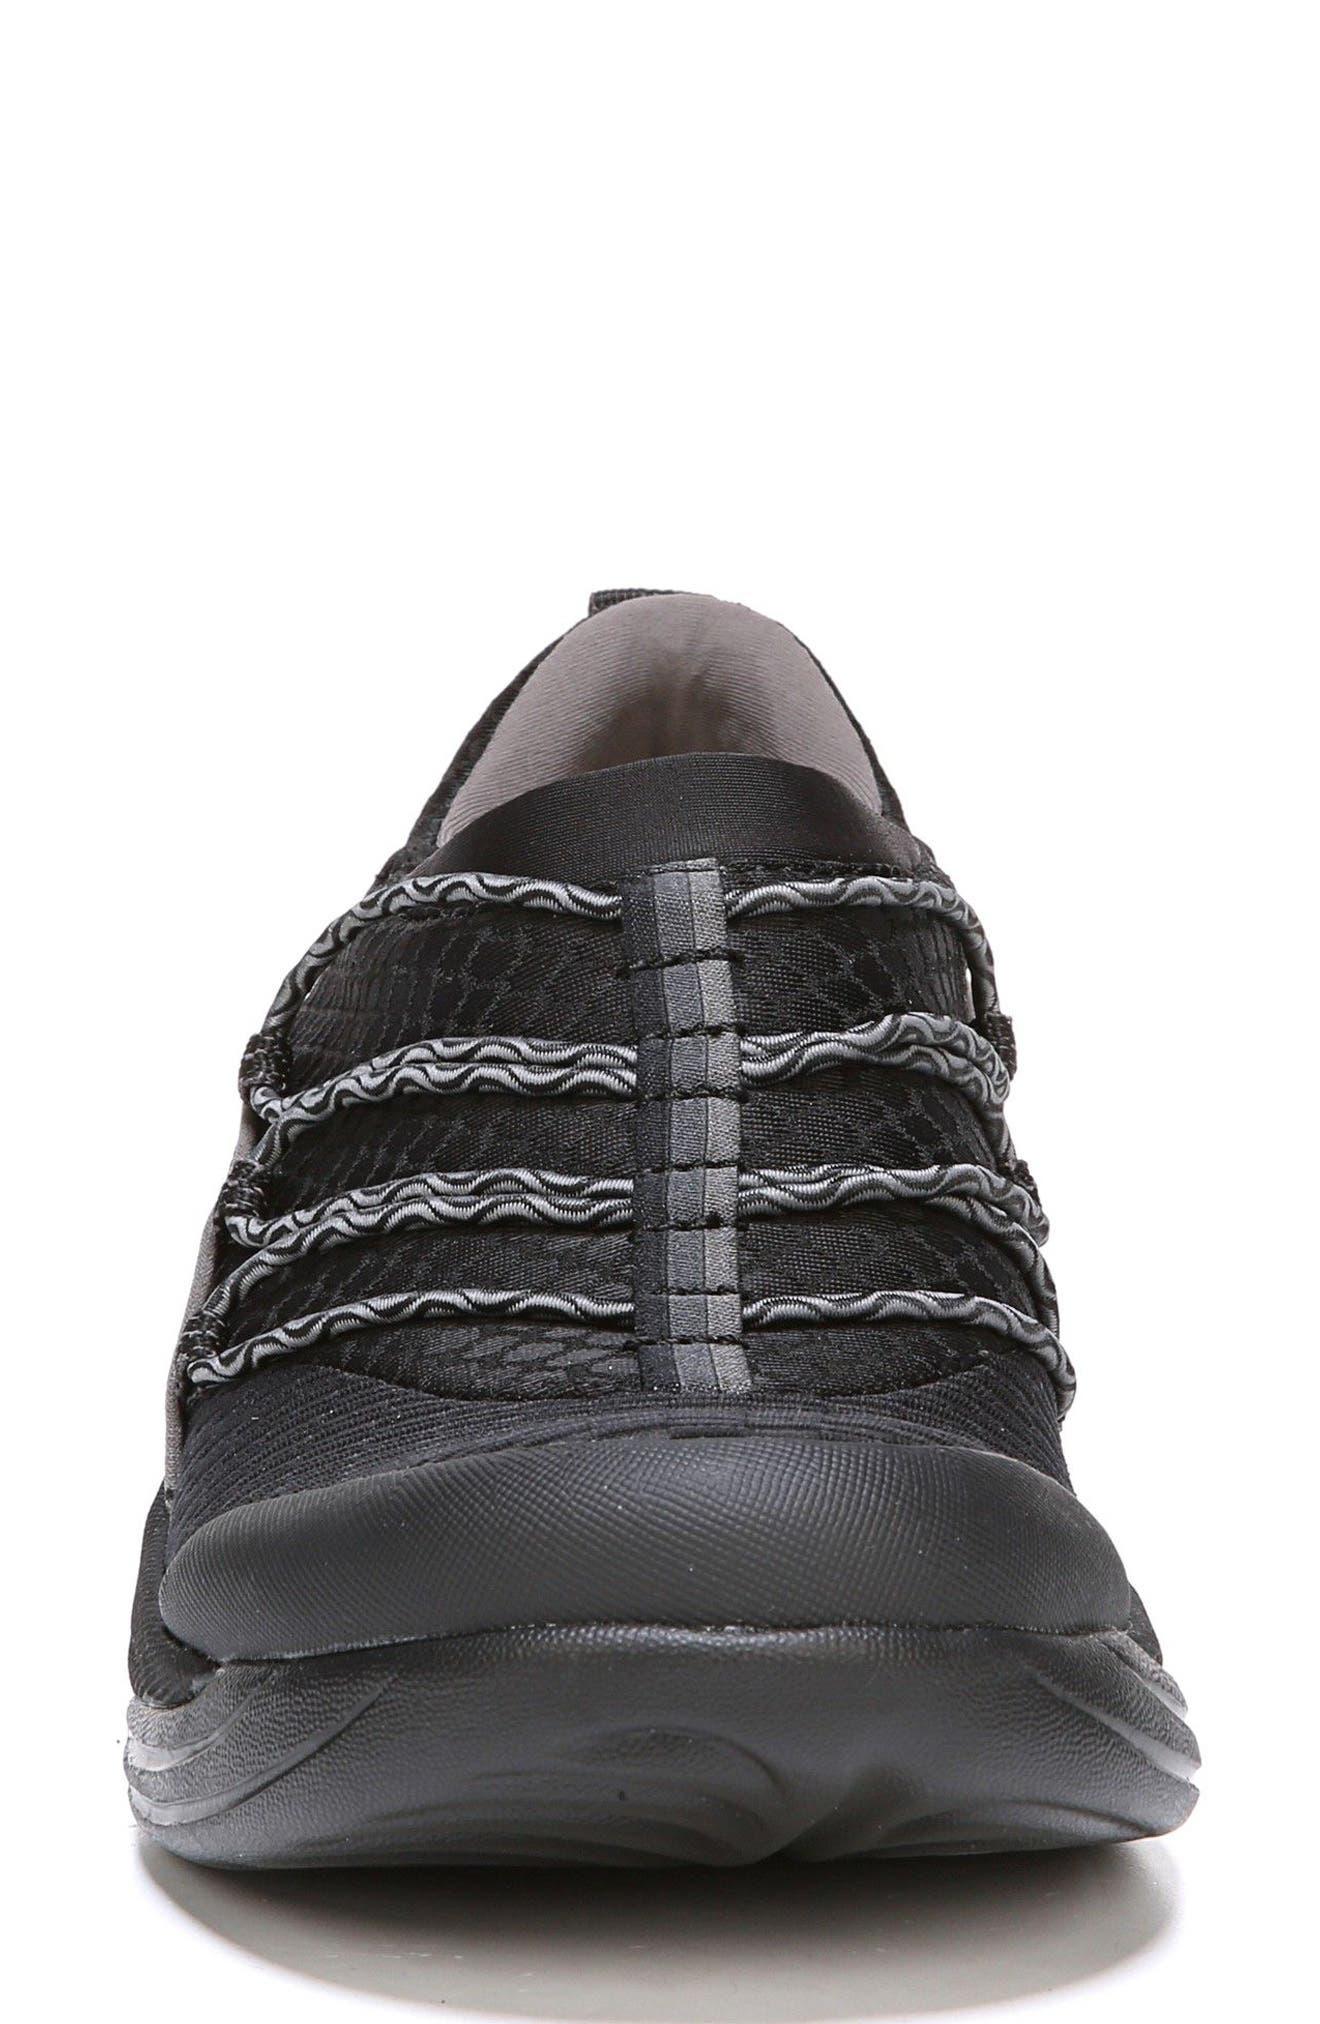 Pisces Slip-On Sneaker,                             Alternate thumbnail 4, color,                             Black